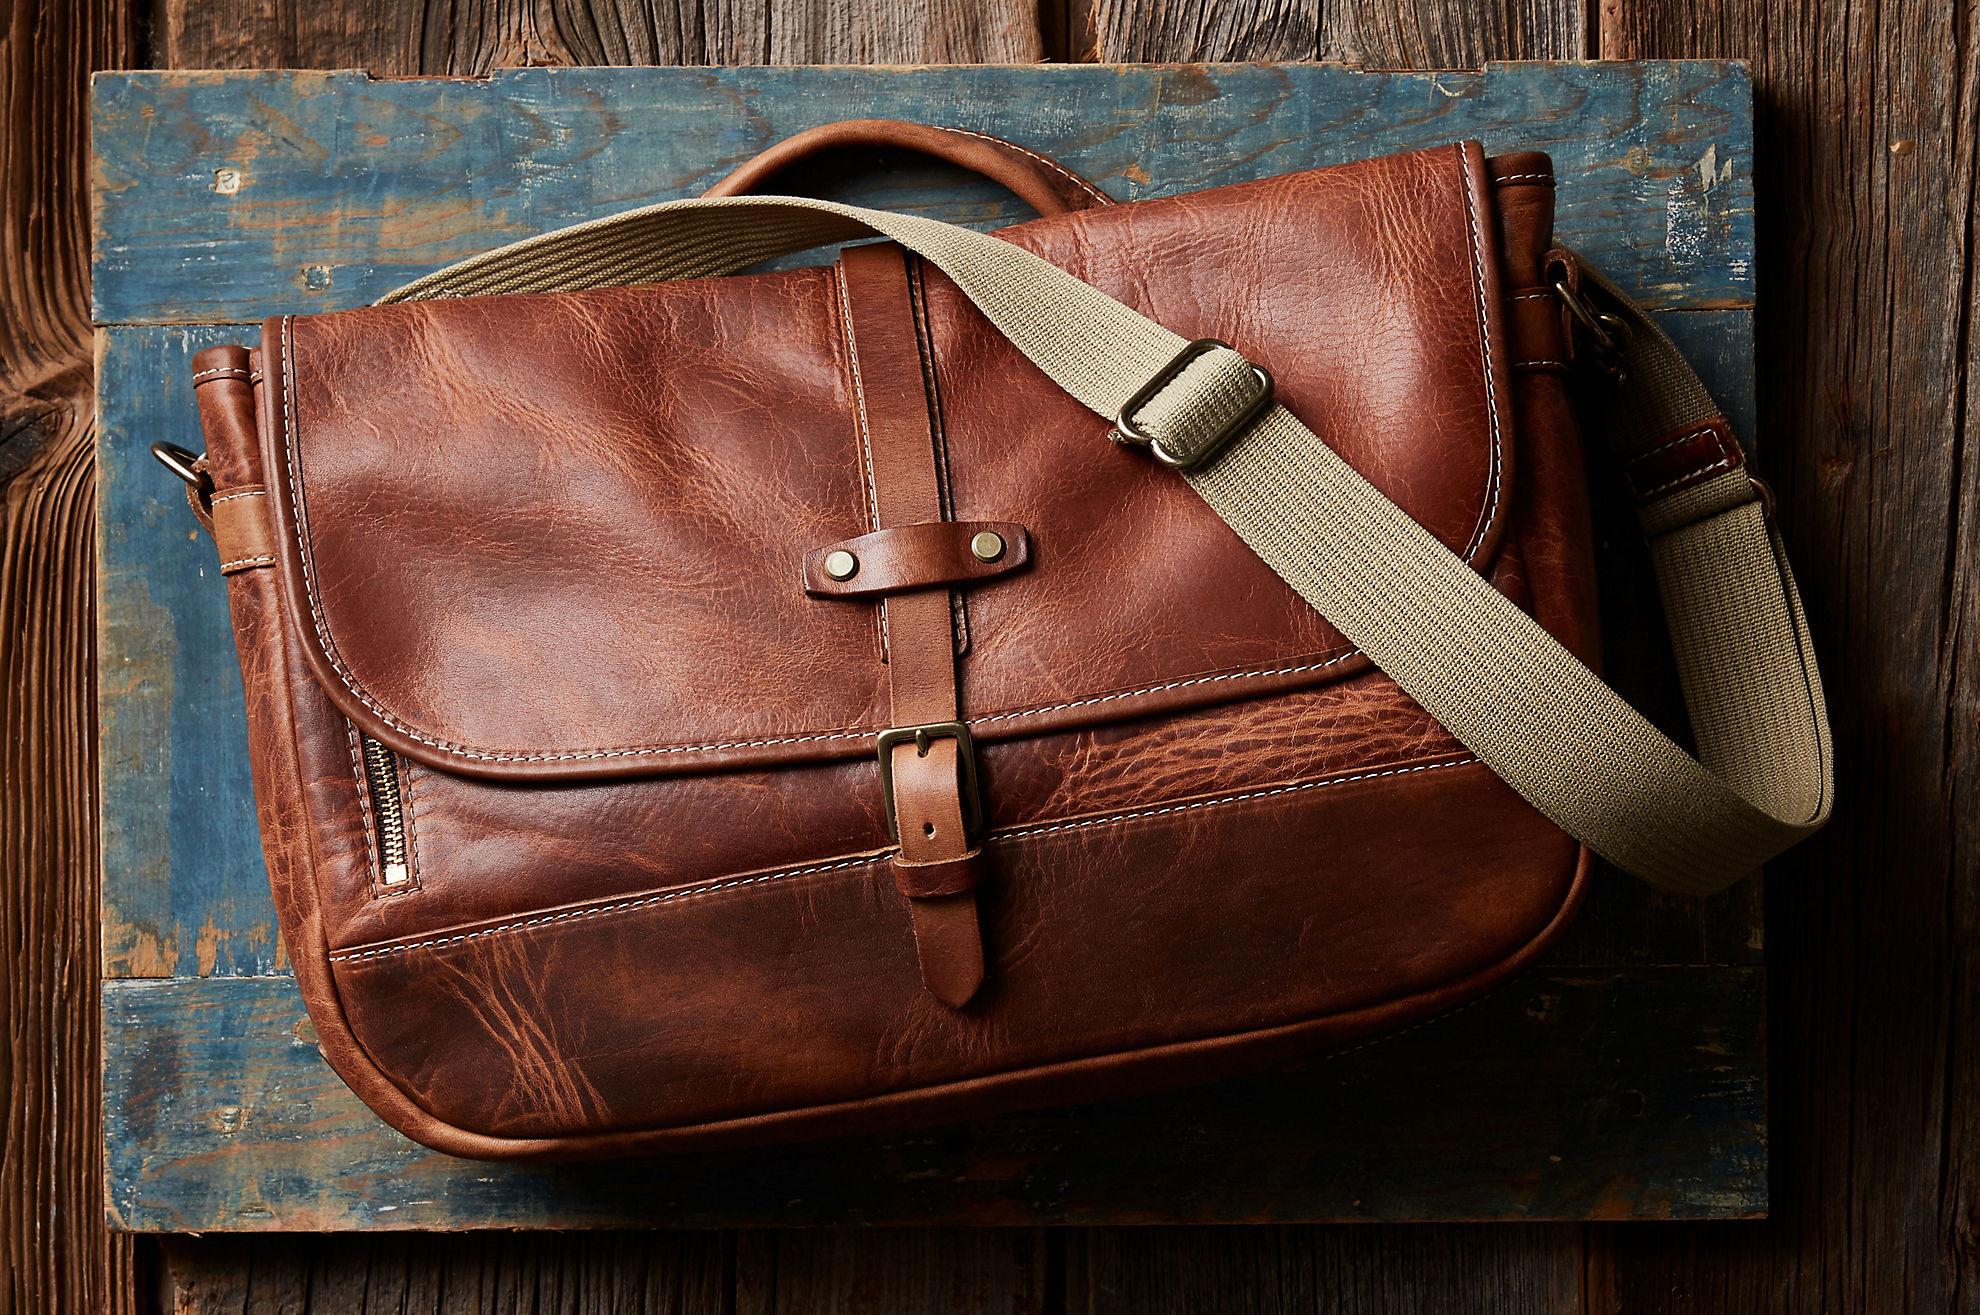 Sedona Vintage Horween Leather Messenger Bag with Concealed Carry Pocket